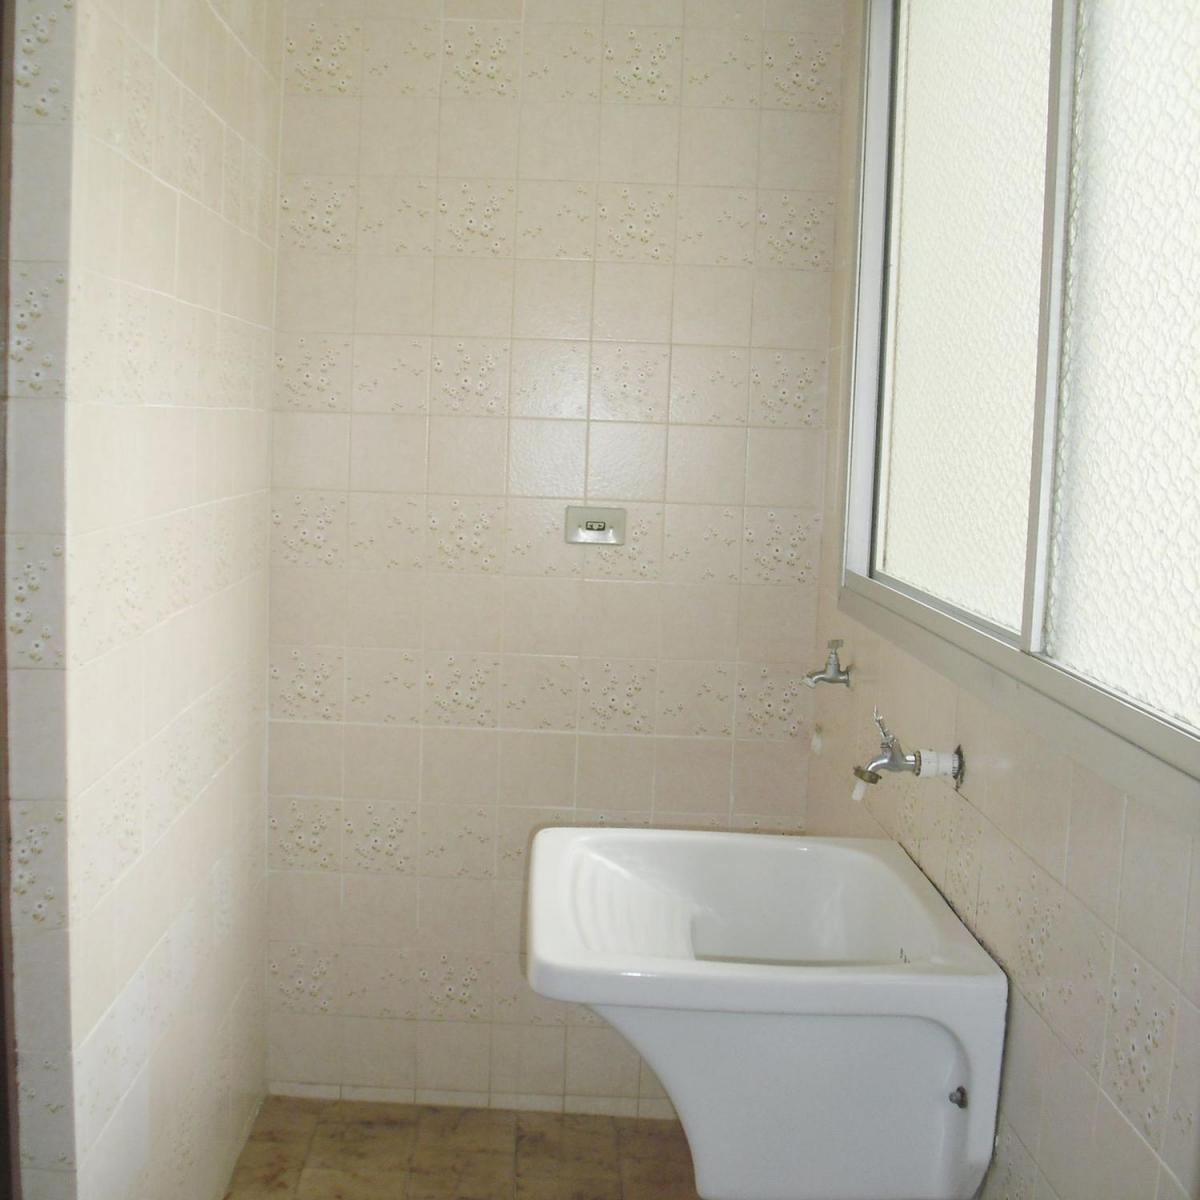 Imagens de #604F38  em bigorrilho alameda princesa izabel 2600 ap 33 bigorrilho curitiba 1200x1200 px 3084 Box Banheiro Bigorrilho Curitiba